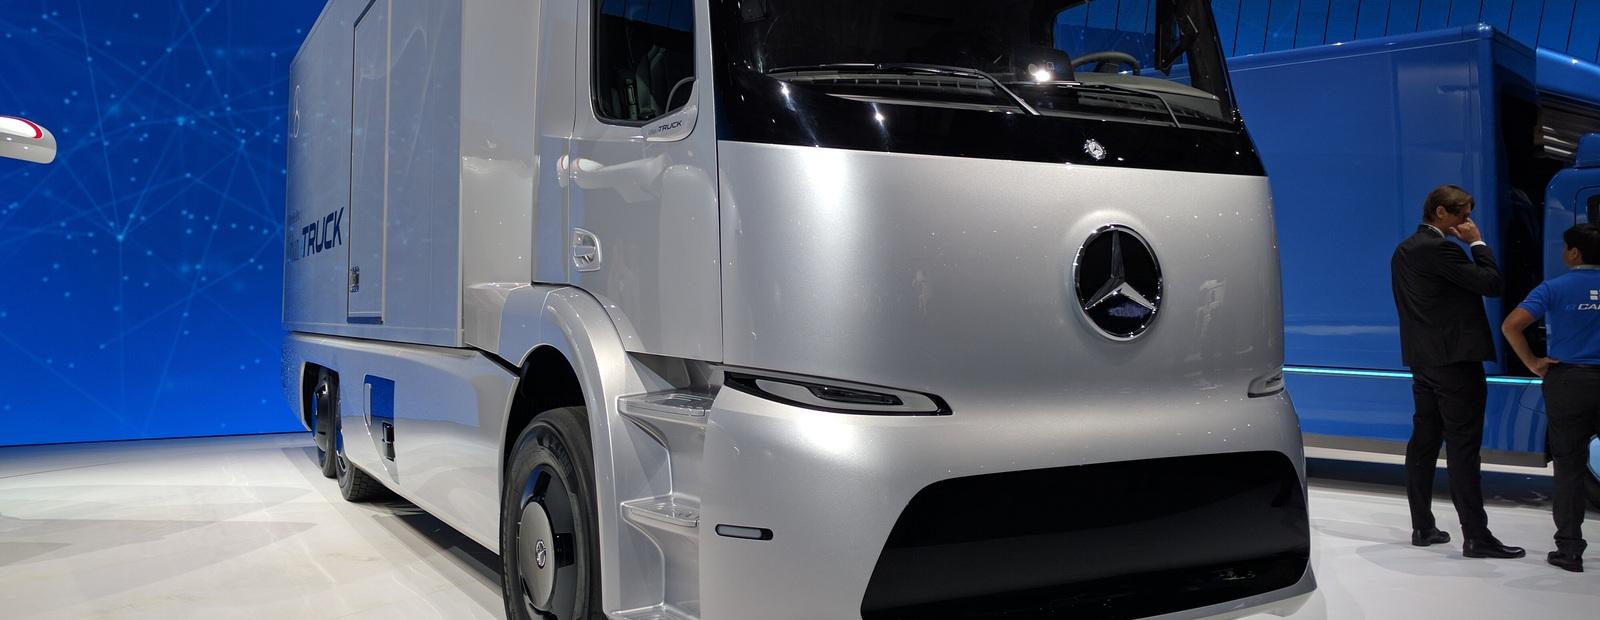 Электрогрузовик Mercedes-Benz идет в комплекте с часами